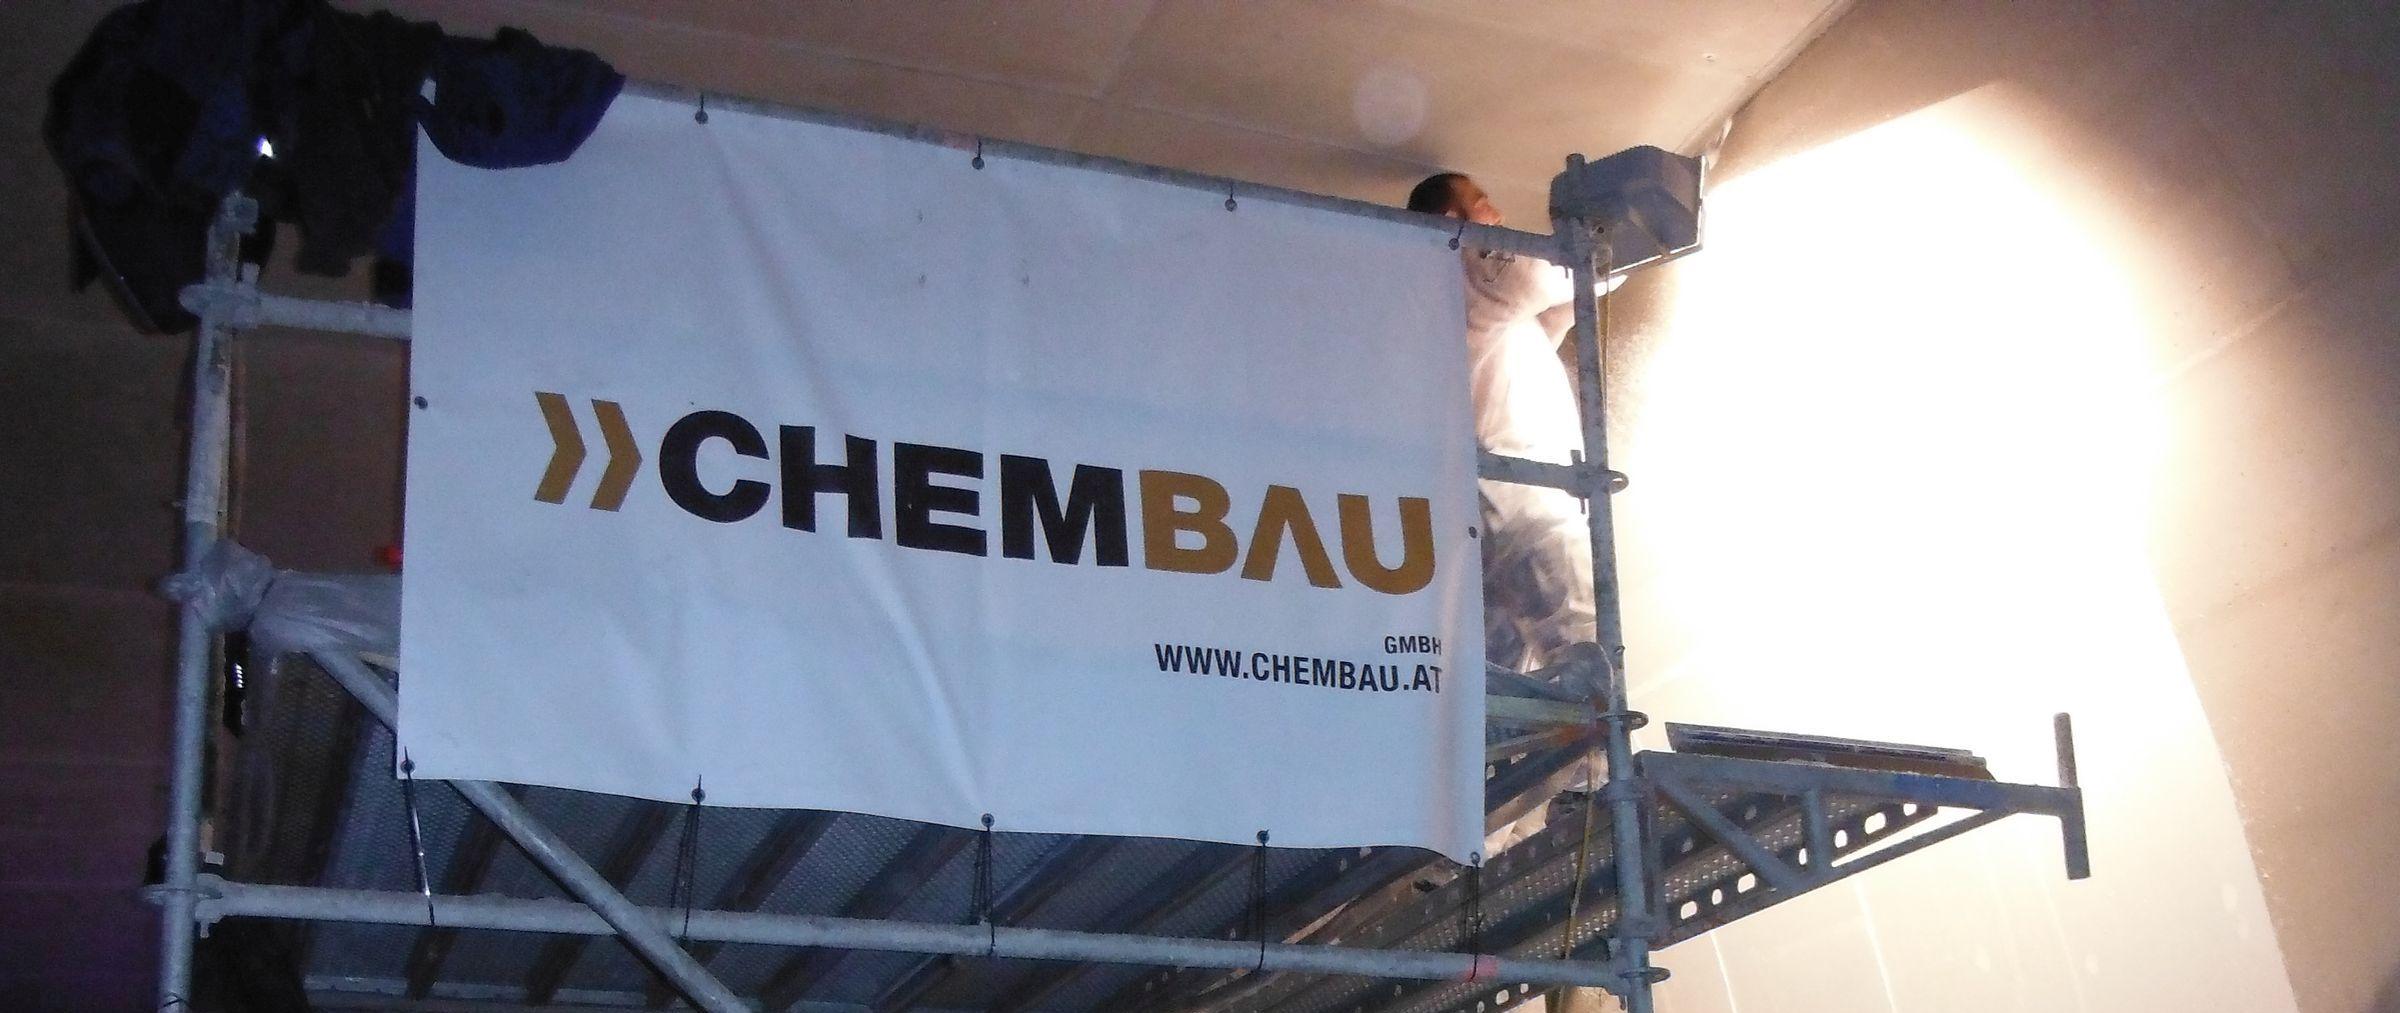 Betonsanierung Chembau GmbH